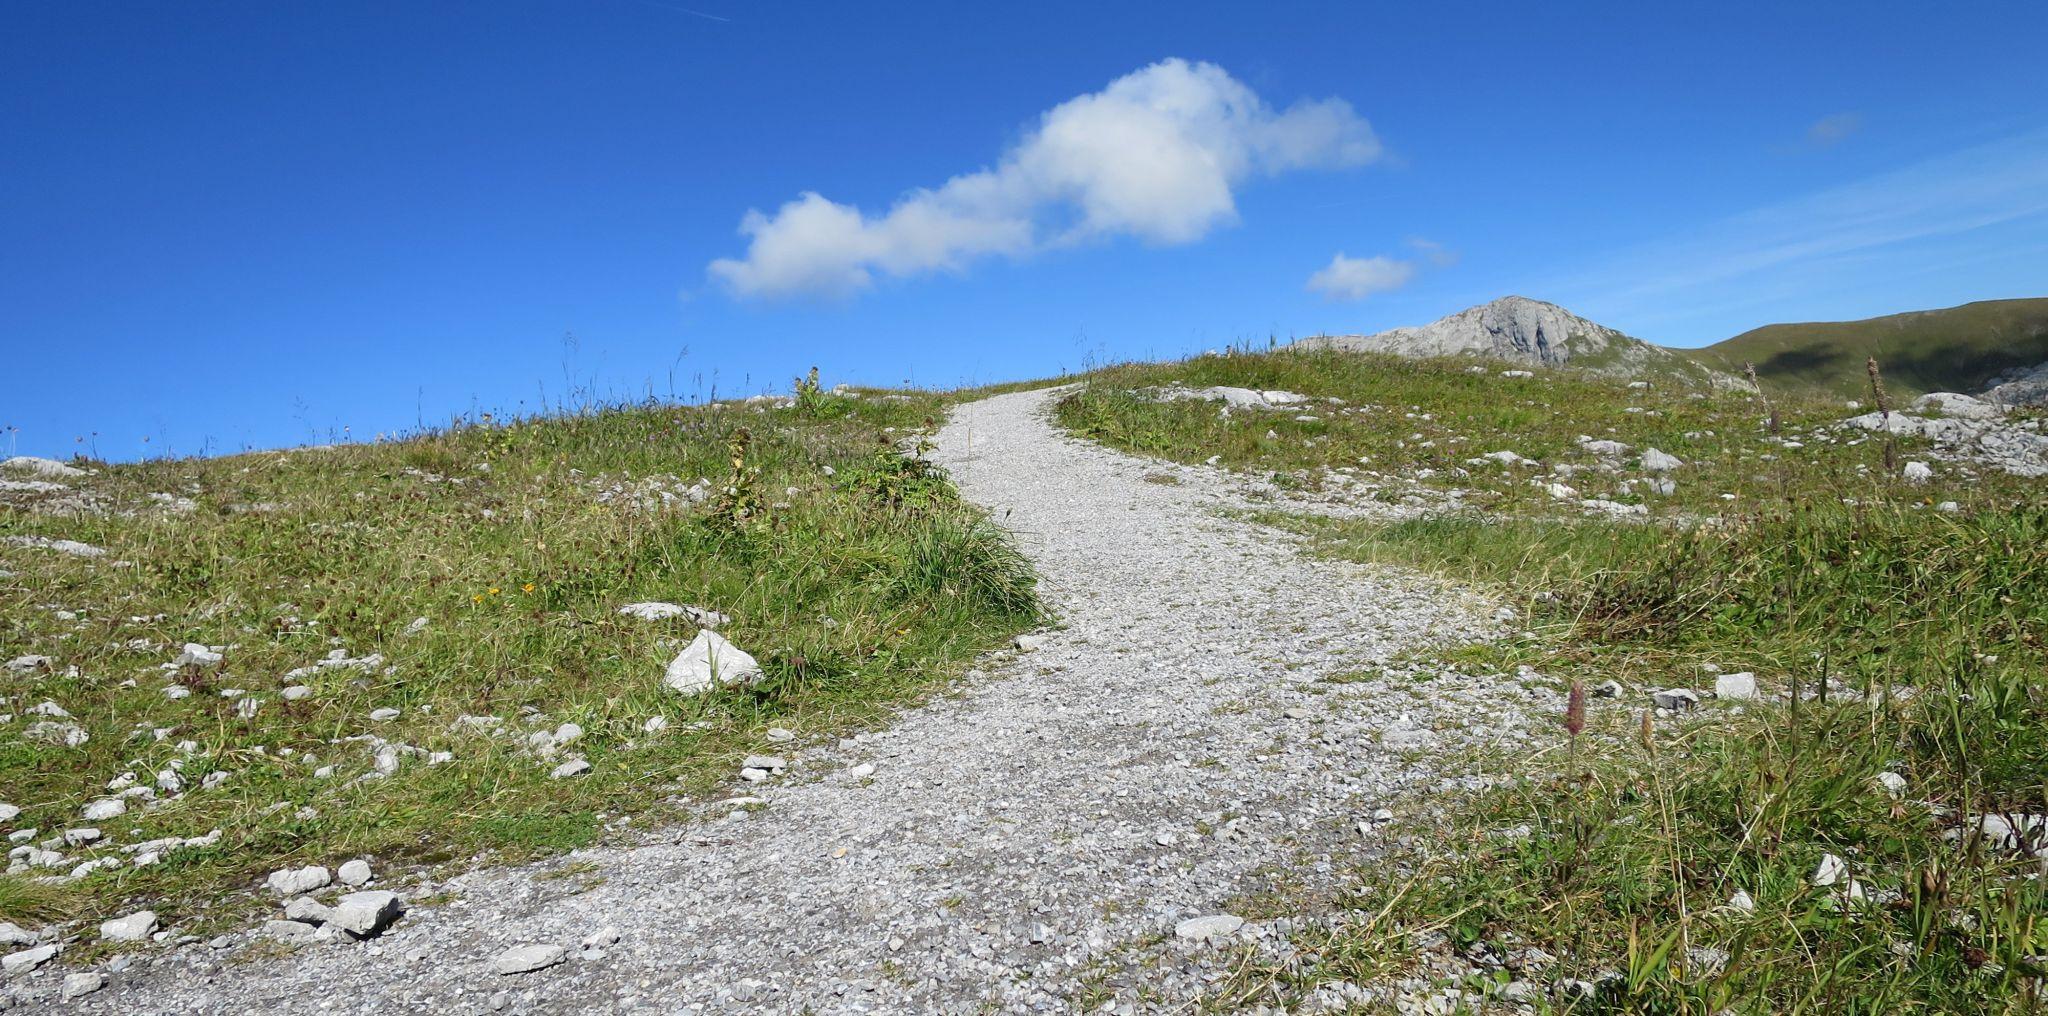 Wanderweg, © Österreichs Wanderdörfer, Karmen Nahberger